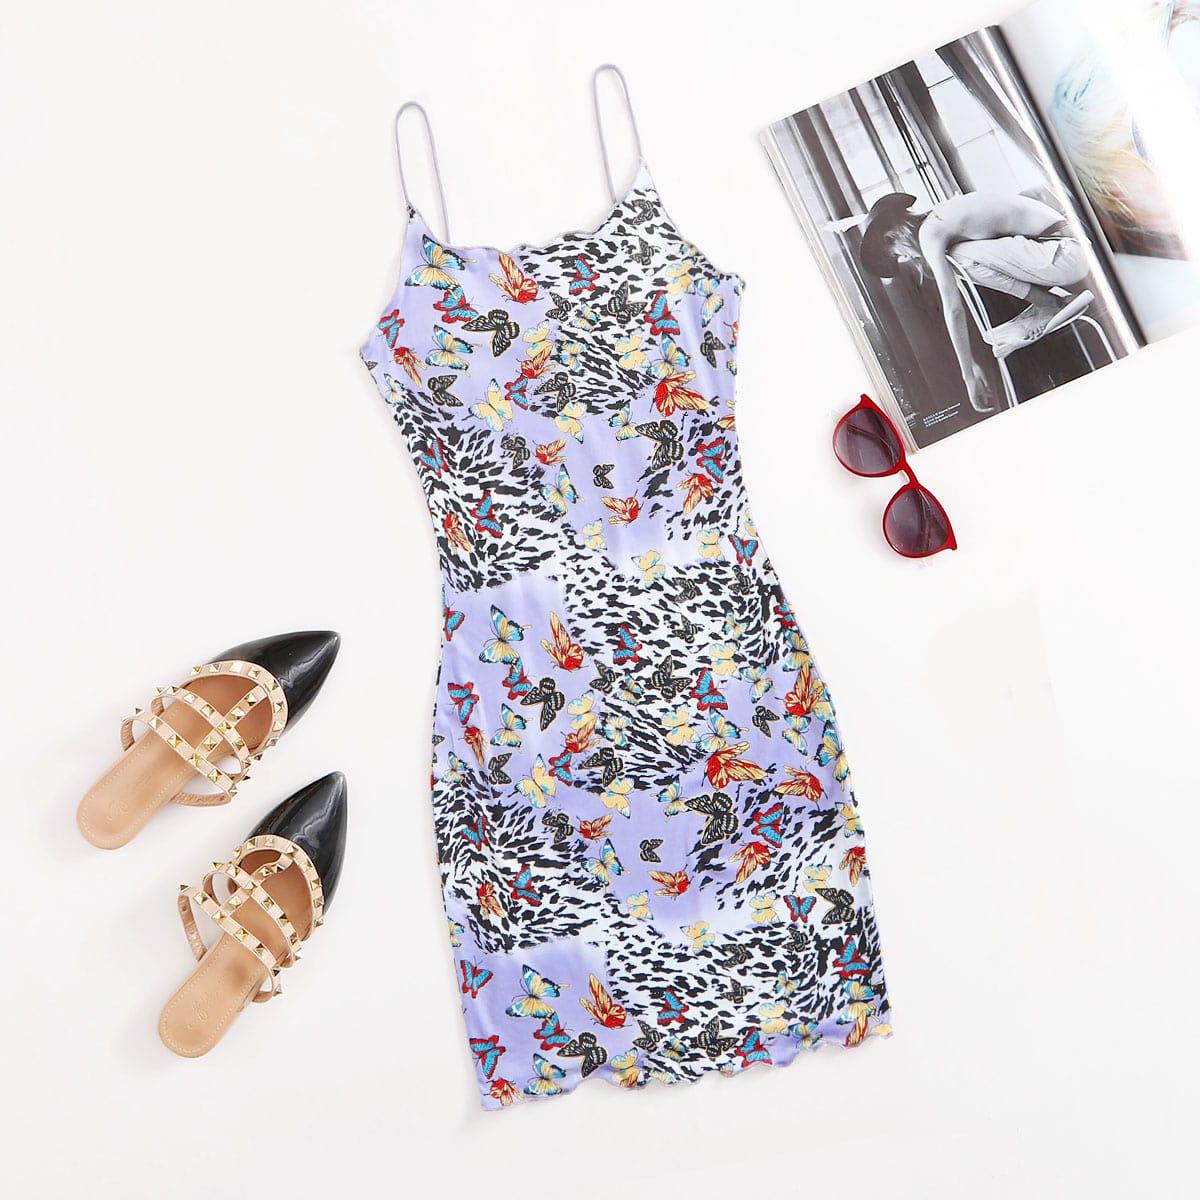 Облегающее платье в полоску тигра с принтом бабочки по цене 288